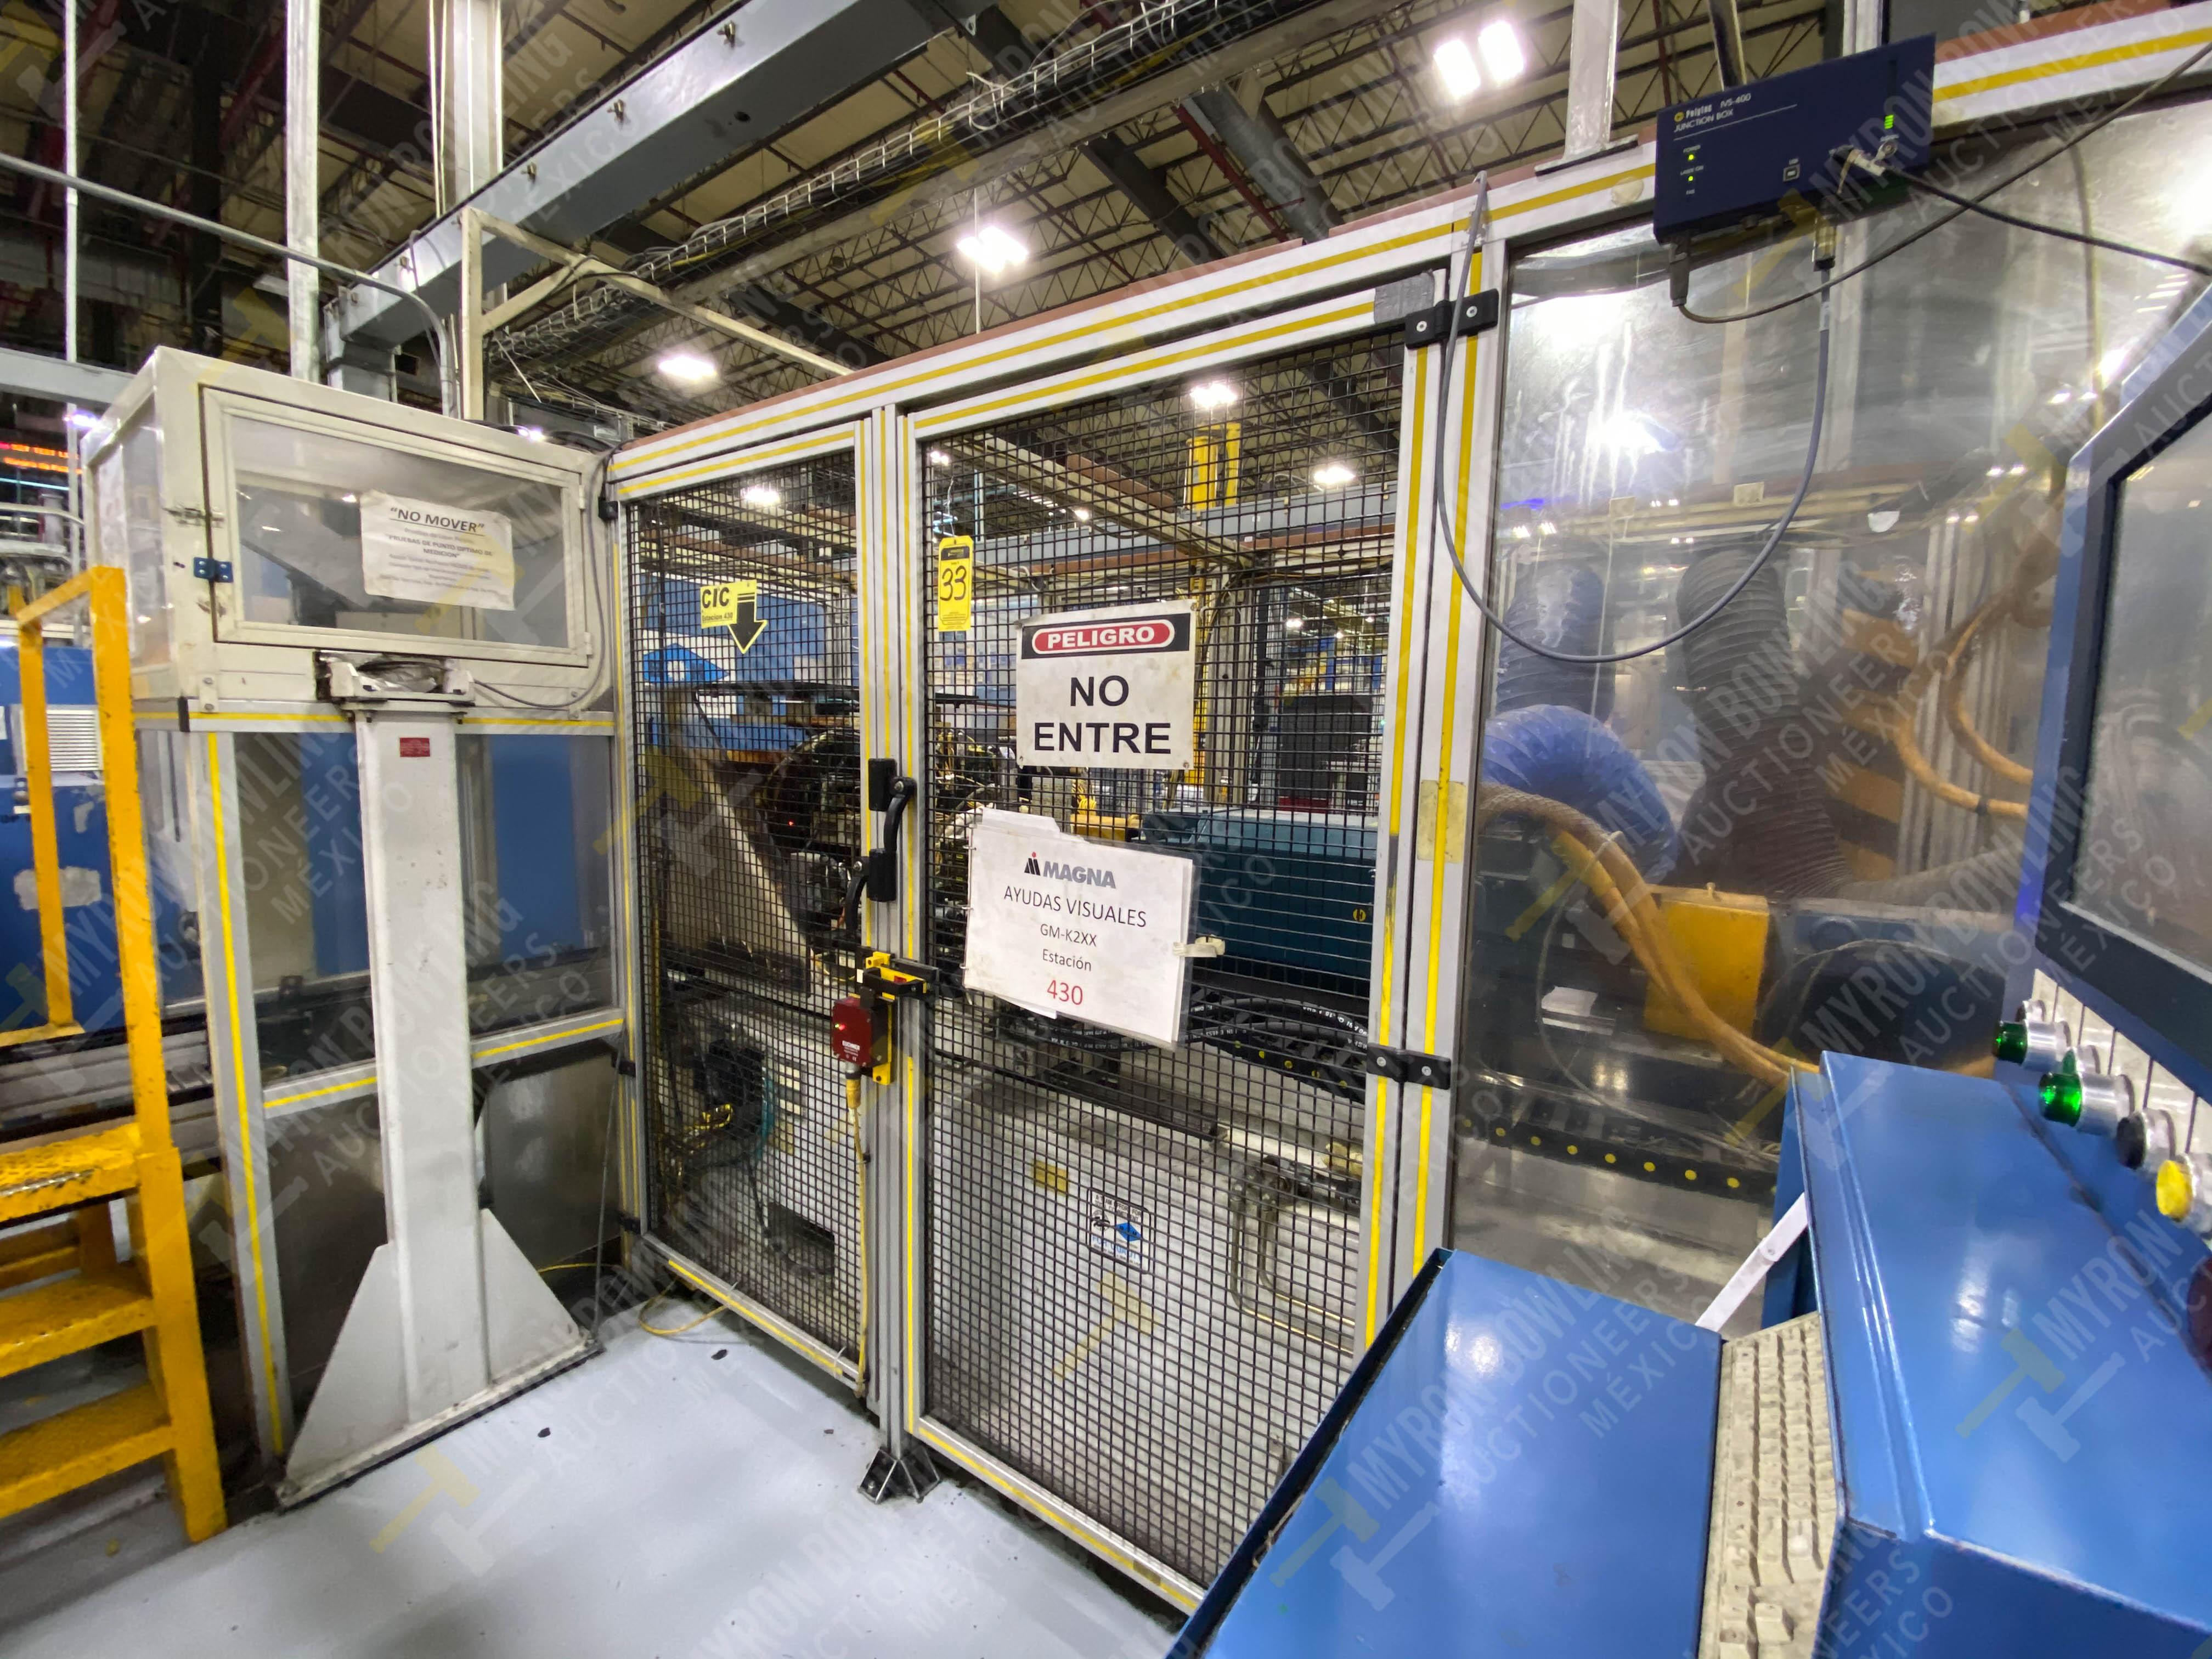 Estación semiautomática para operación 430, contiene: Máquina dinamómetro con sistema de revolución - Image 4 of 32